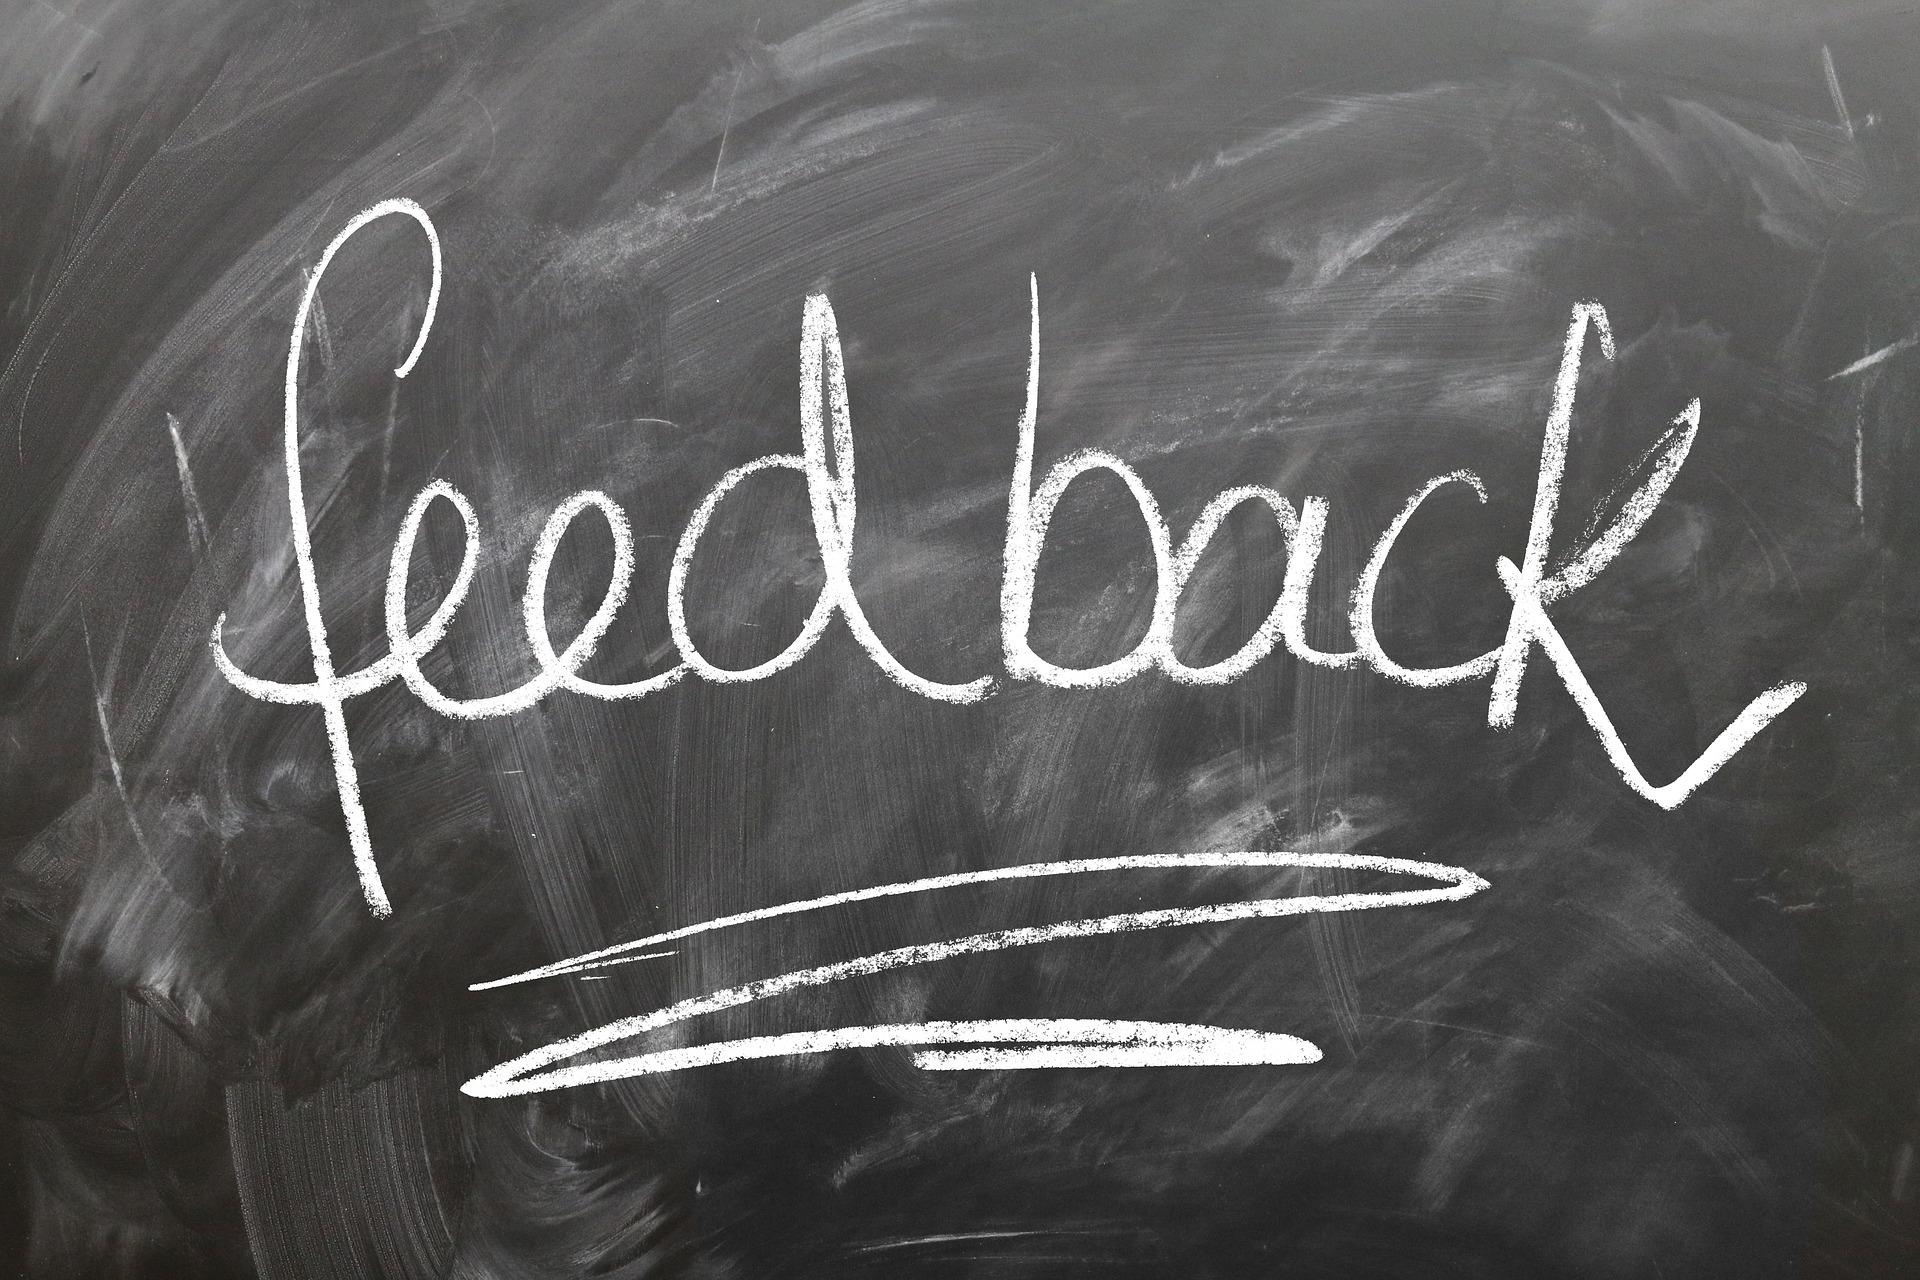 Musta liitutaulu, jossa lukee feedback.